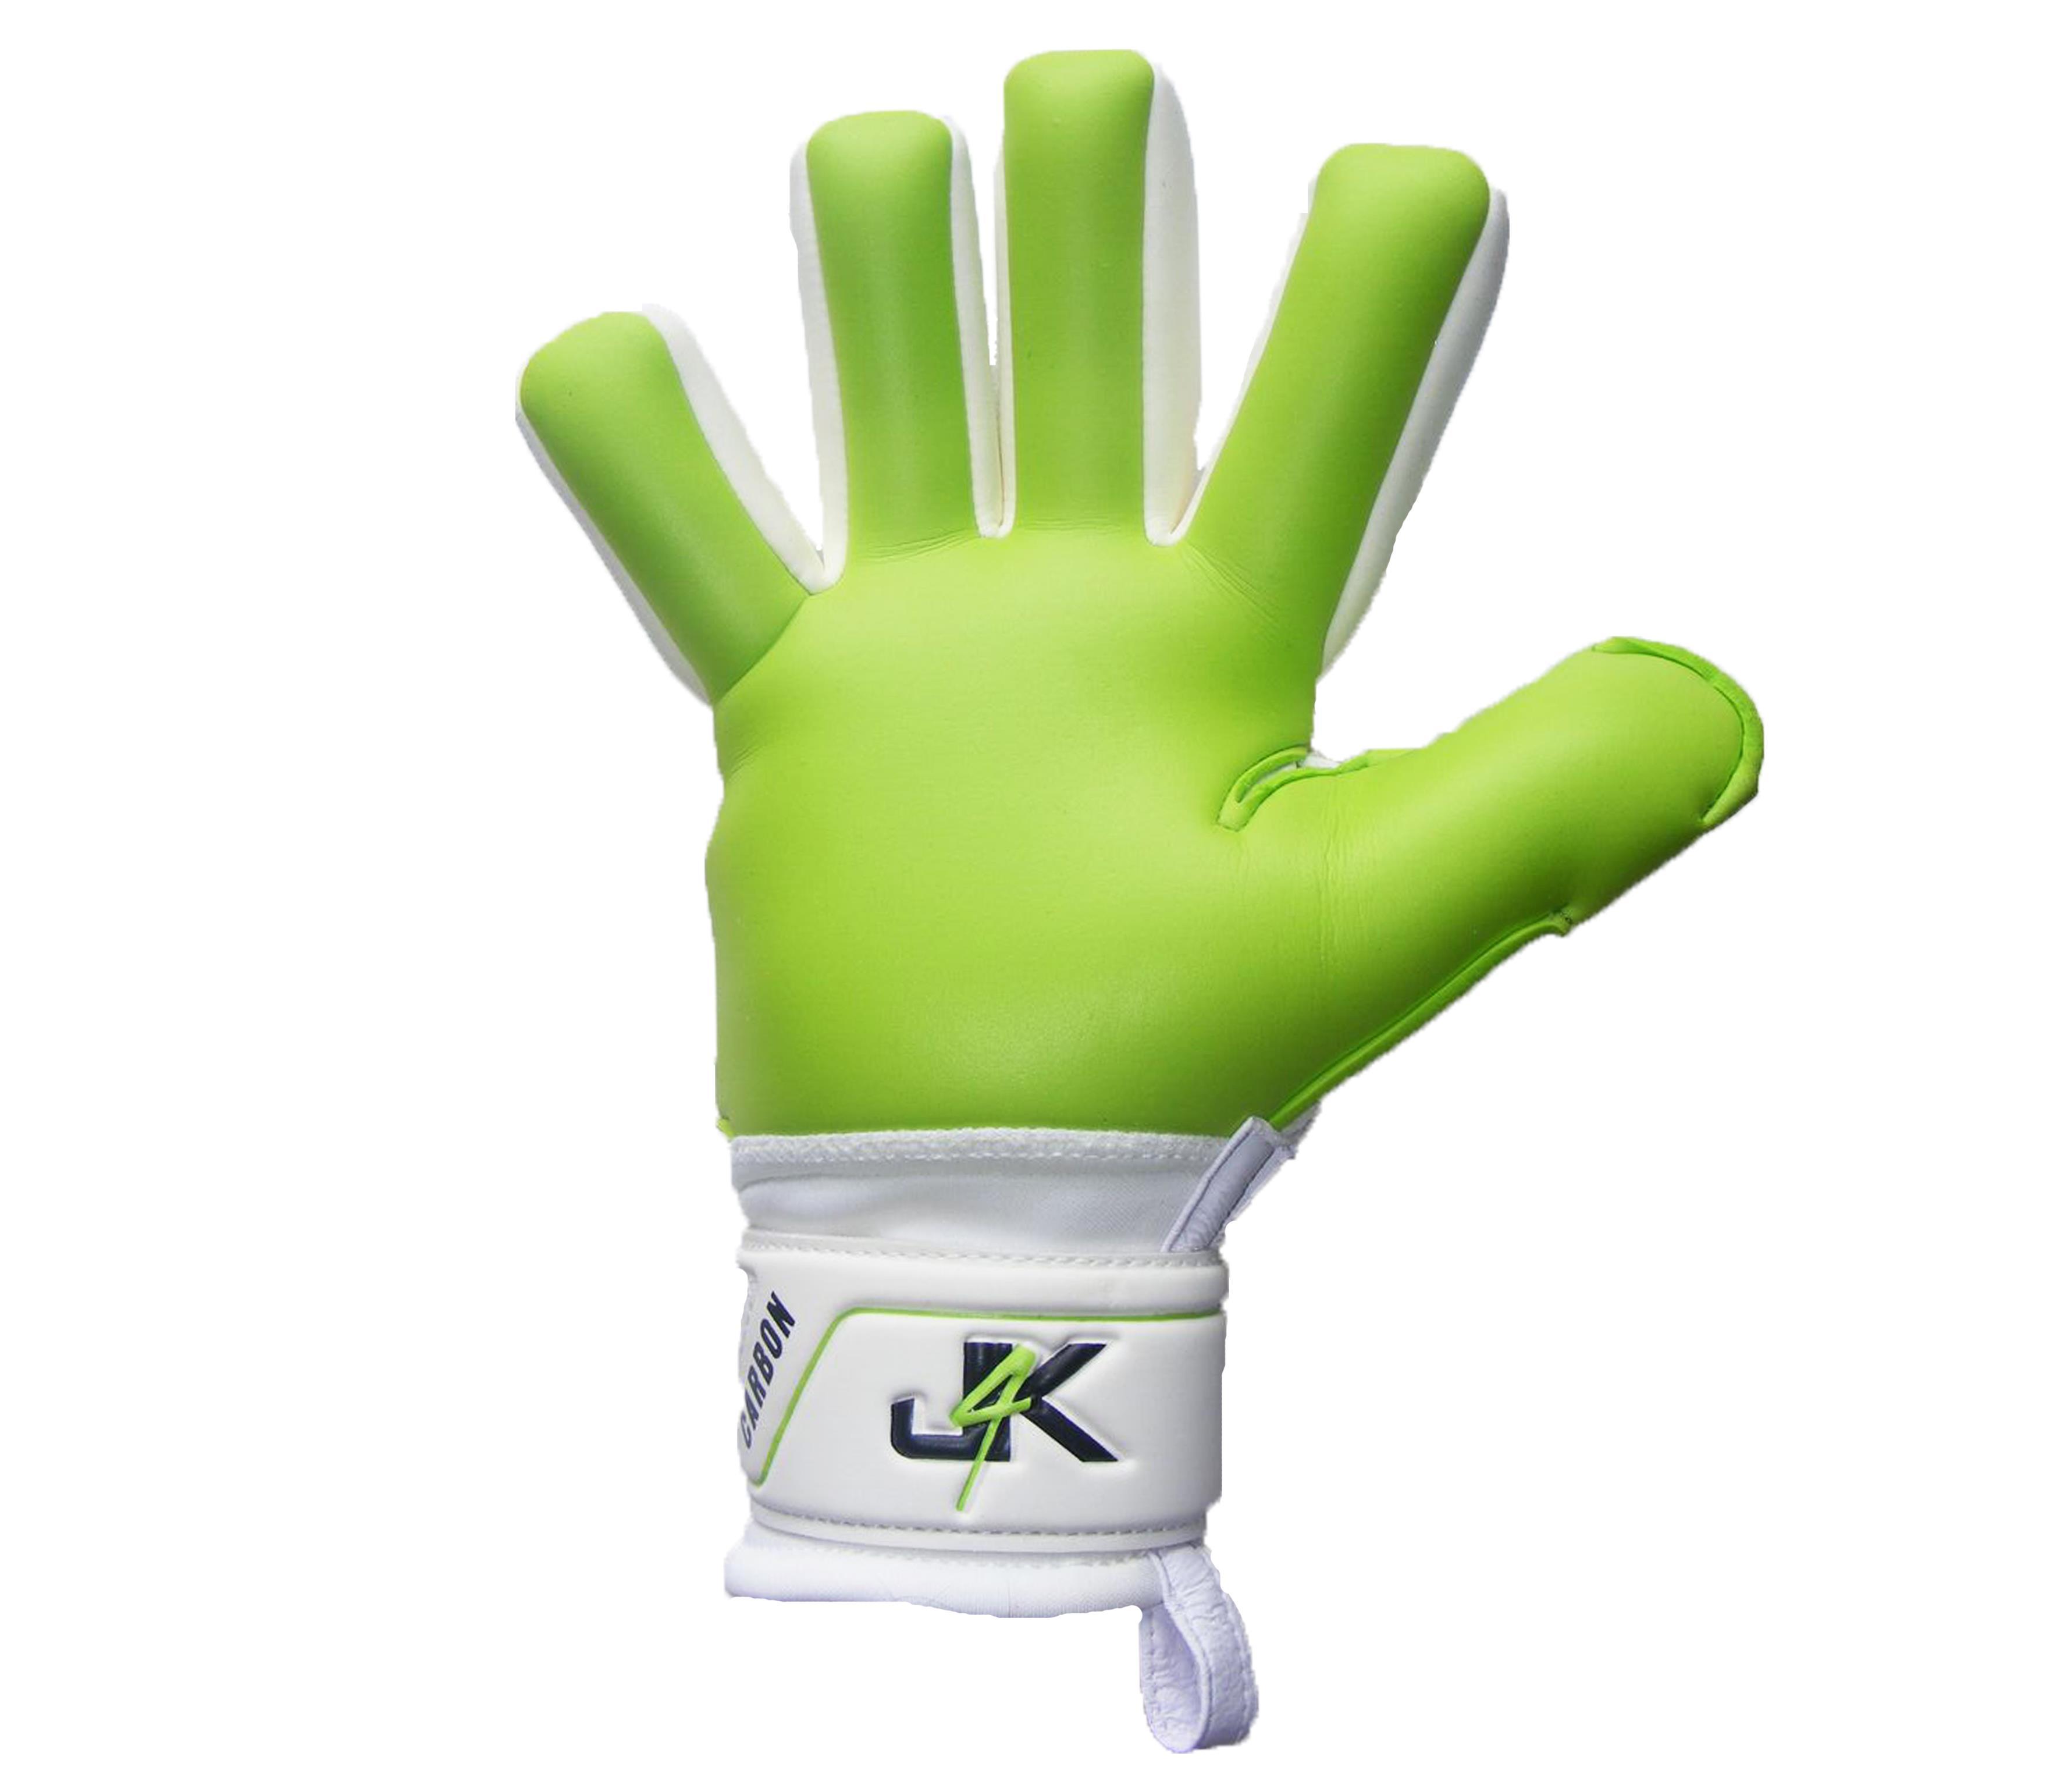 Jak vybrat brankářské rukavice podle tvaru ruky 6b936ad551